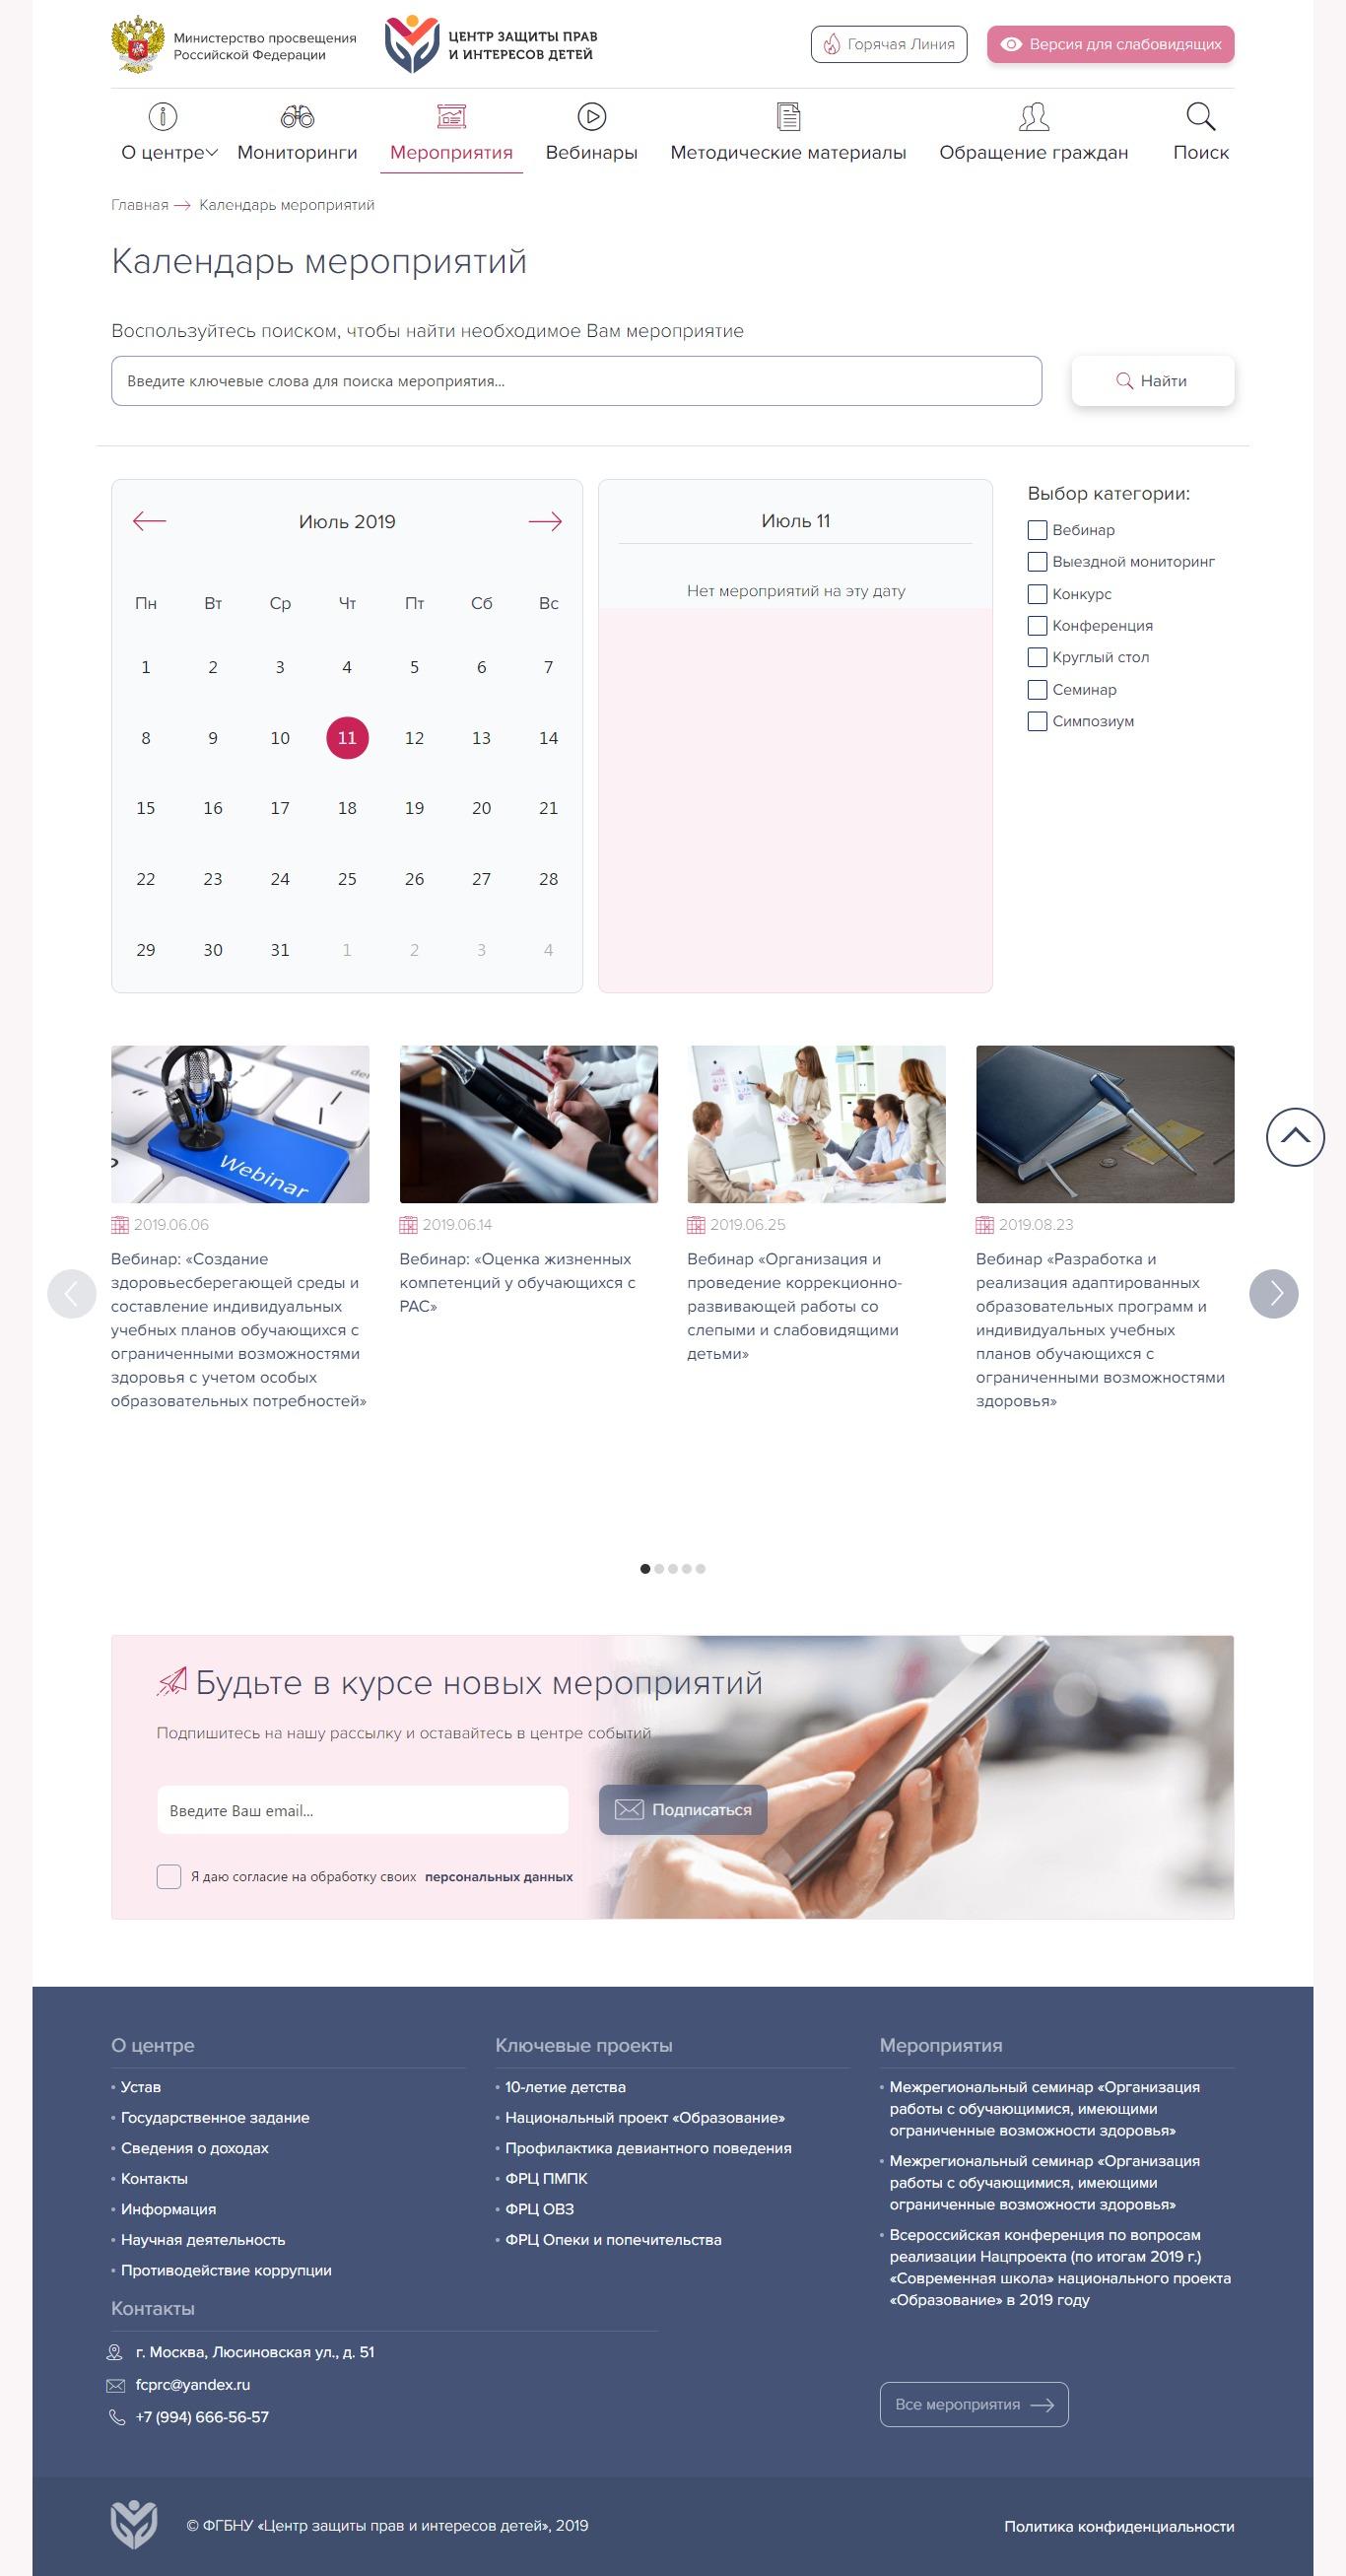 iMac calendar